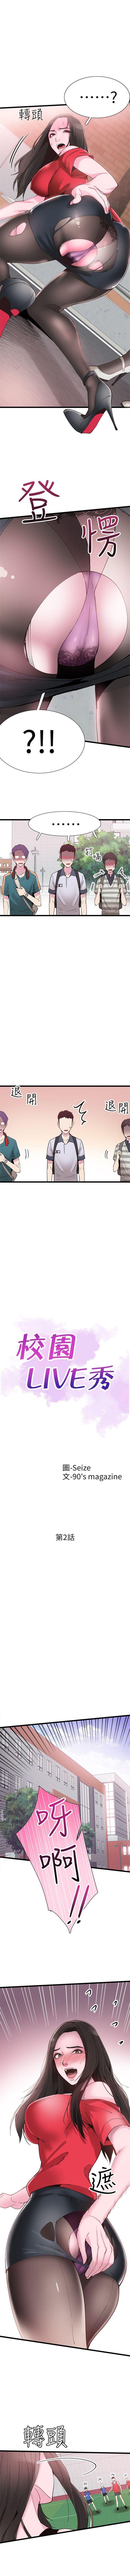 校园live秀 1-20 中文翻译(更新中) 11